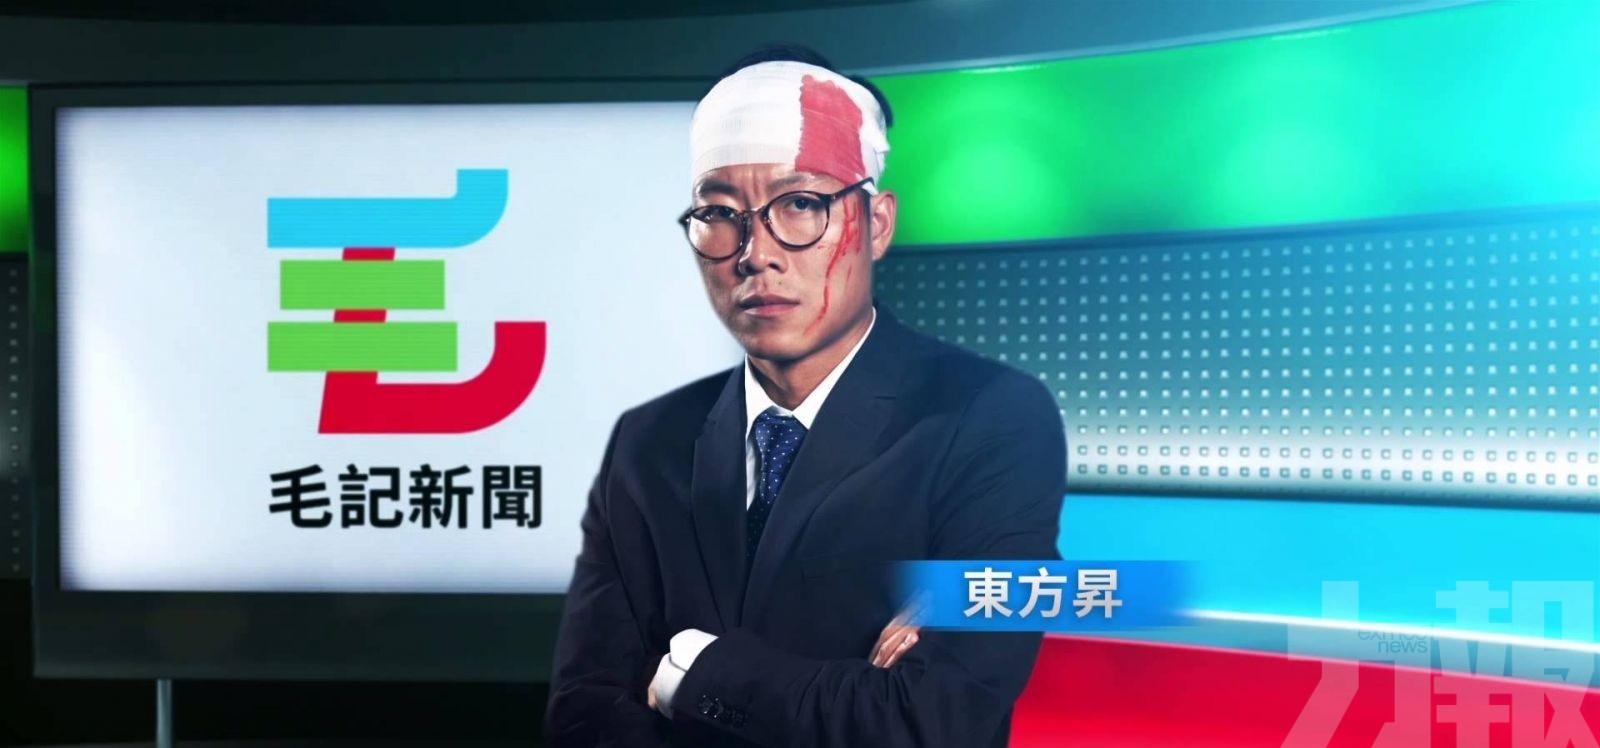 壹傳媒連蝕四年 毛記得益於開支少